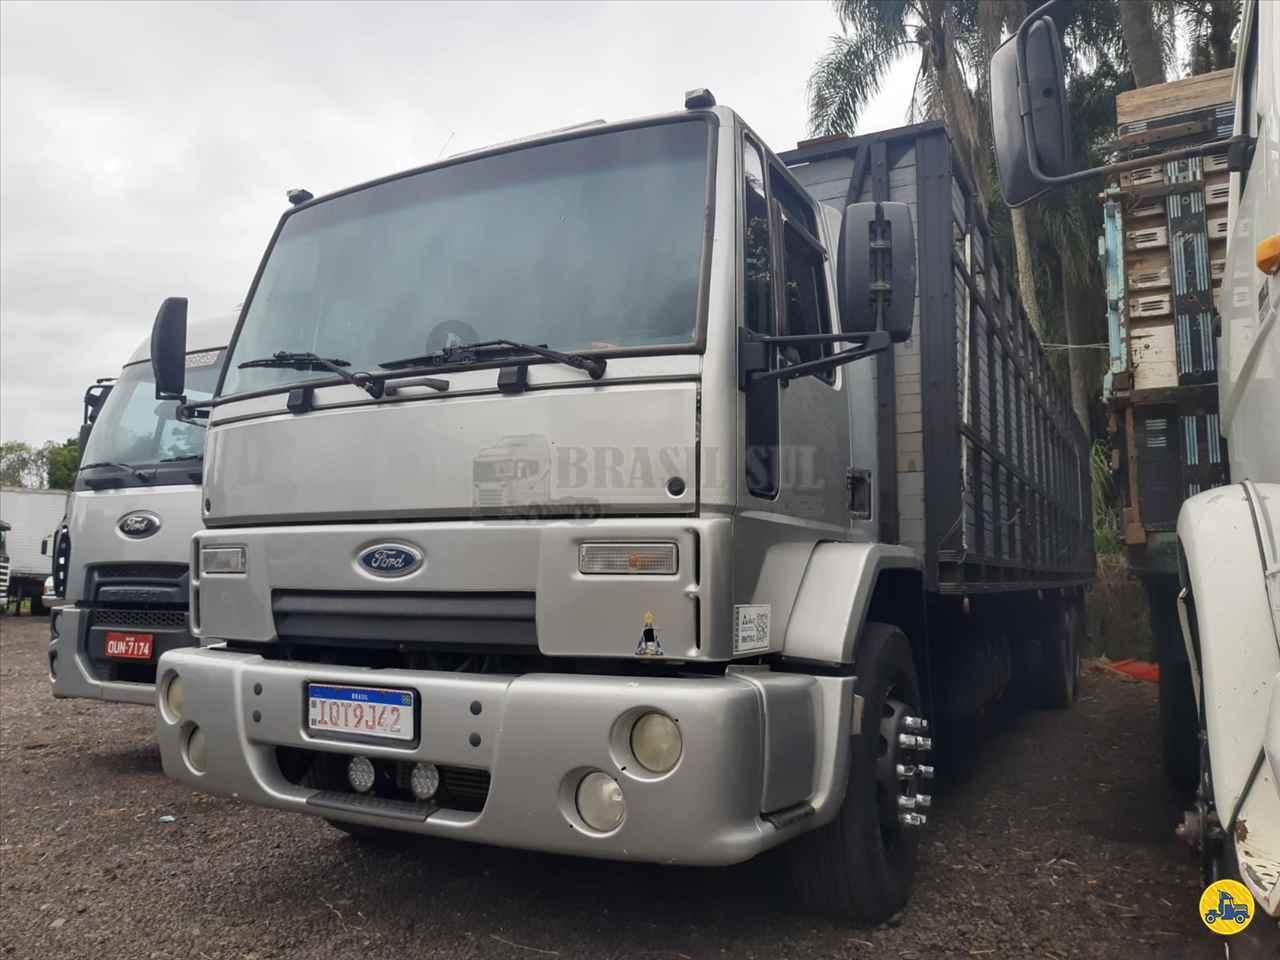 CAMINHAO FORD CARGO 2428 Graneleiro Truck 6x2 Brasil Sul Caminhões PORTAO RIO GRANDE DO SUL RS